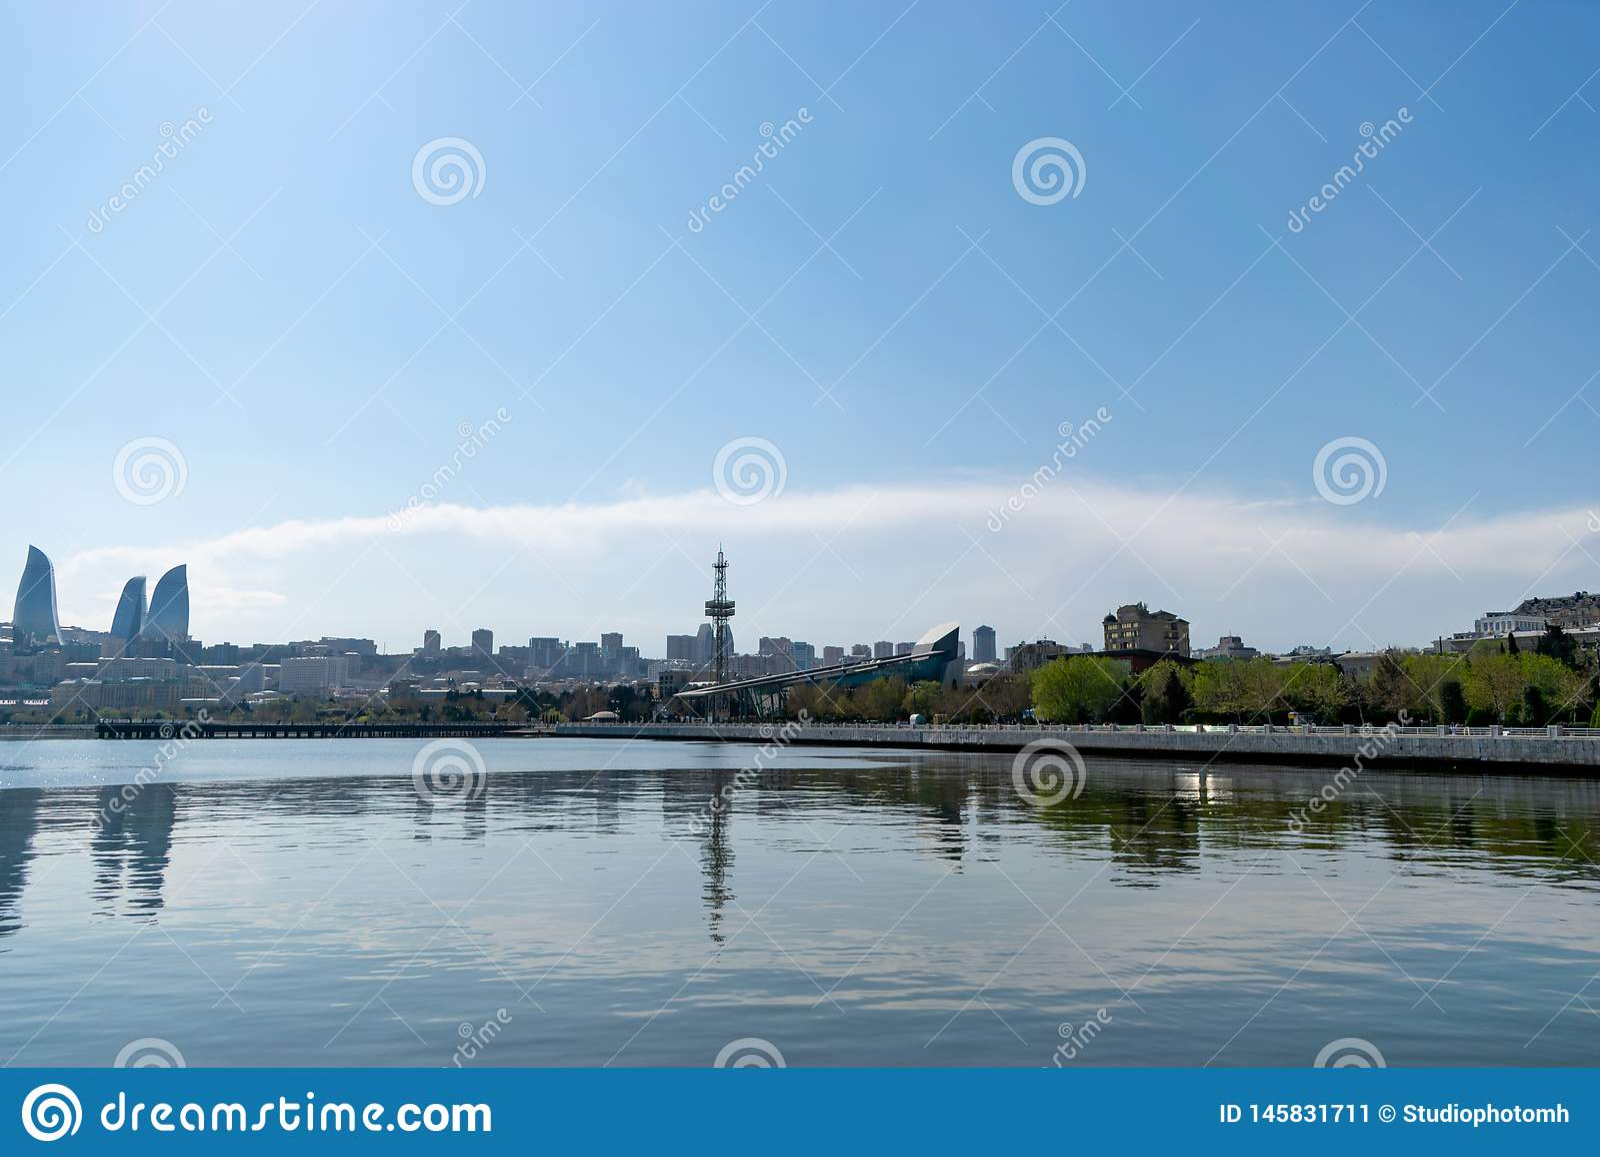 Baku Azerbejd?an, Kwiecie?, - 13, 2019: Baku p?omie? G?rowa?em jest wysokim drapacz chmur w Baku, Azerbejd?an